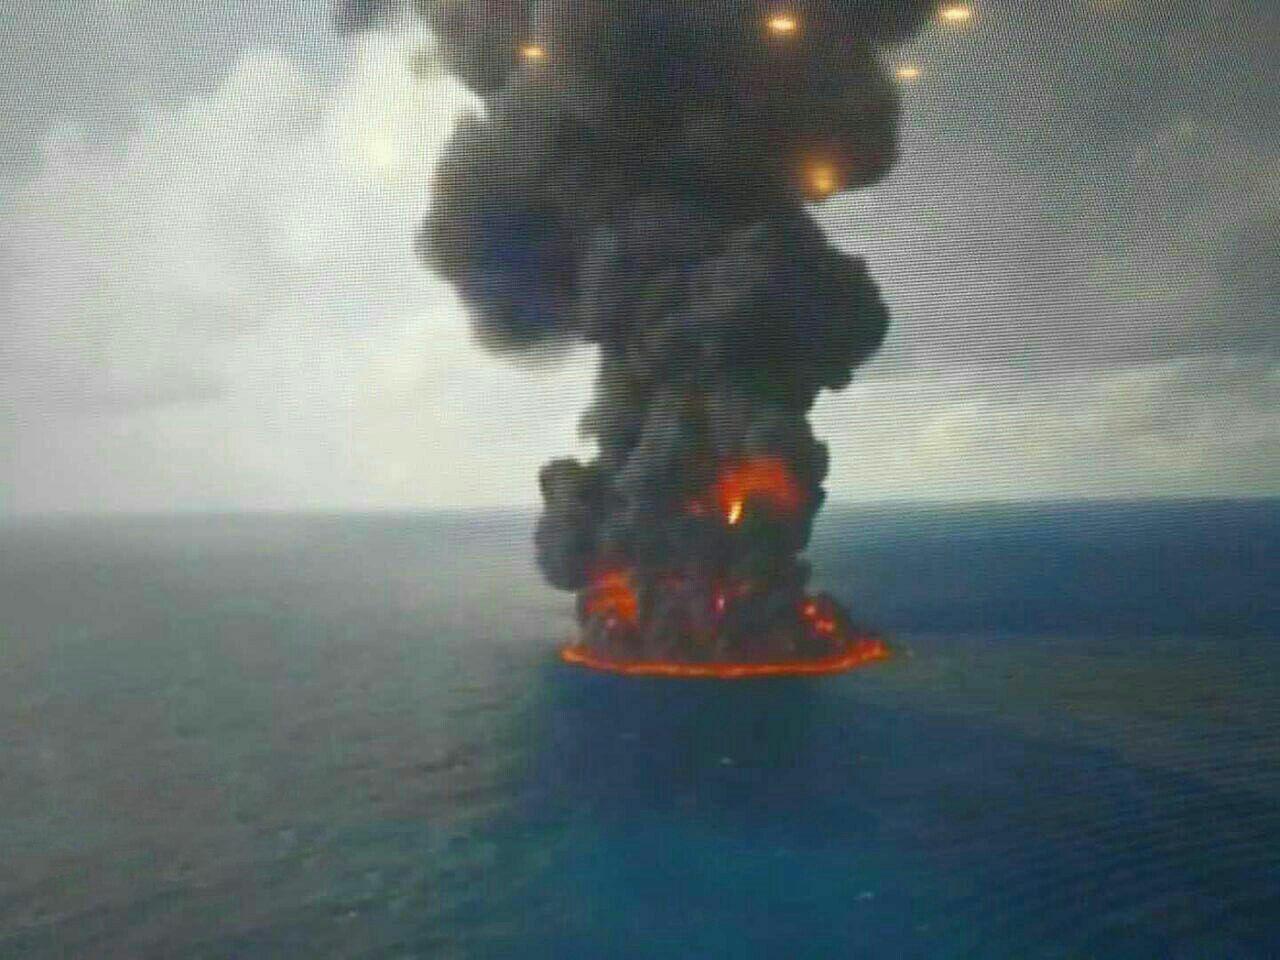 «سانچی» در حال غرق شدن است / همه کارکنان نفتکش جان باخته اند